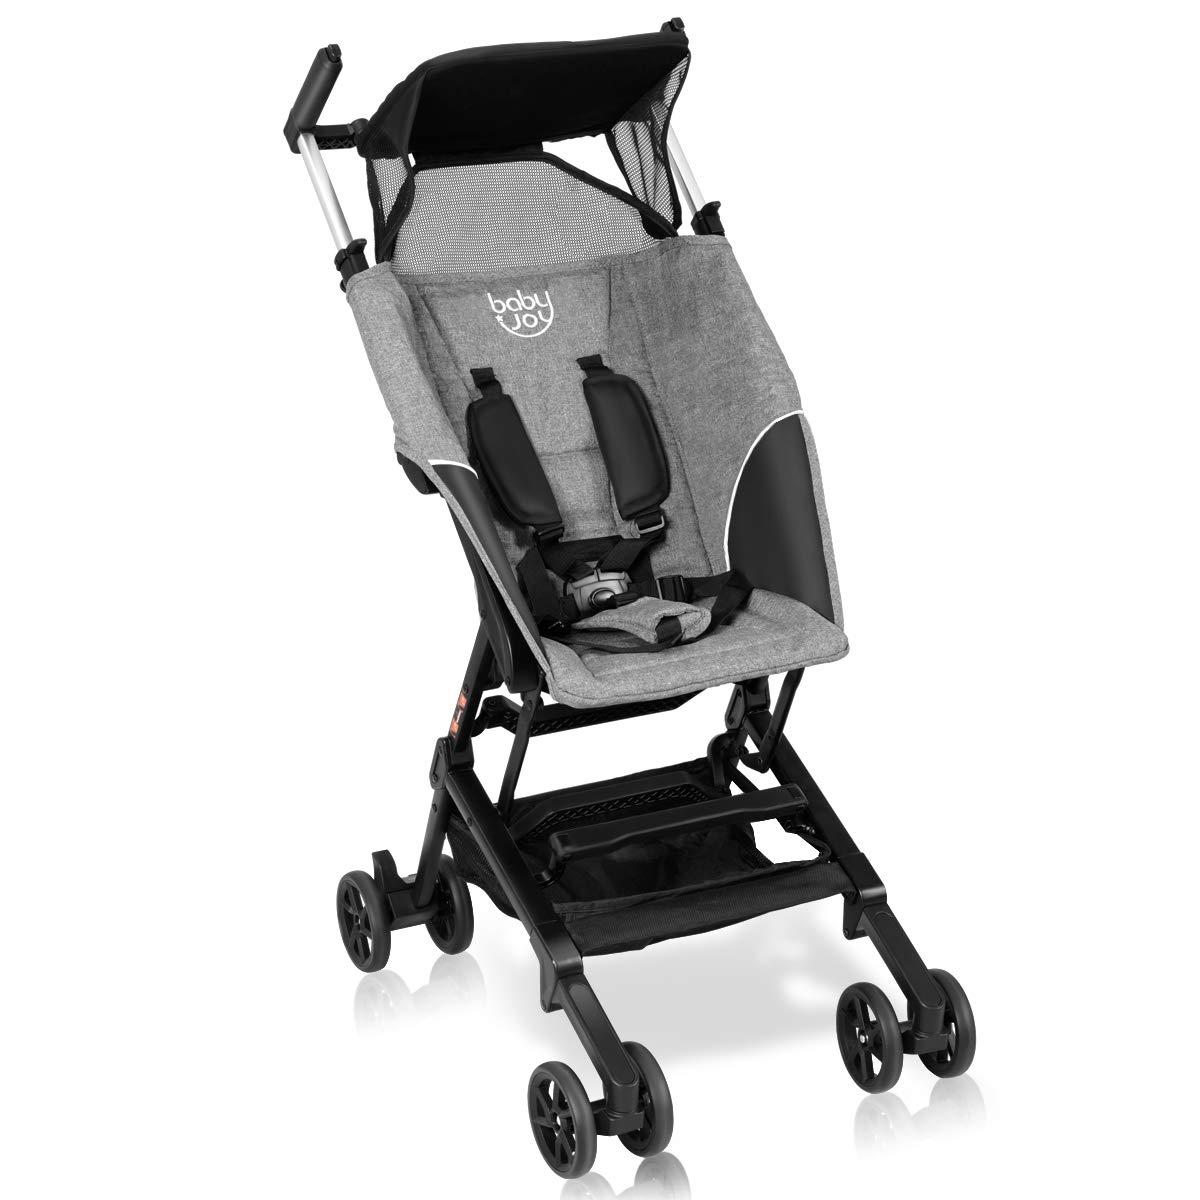 Amazon.com: Baby Joy - Cochecito de bolsillo, cochecito ...